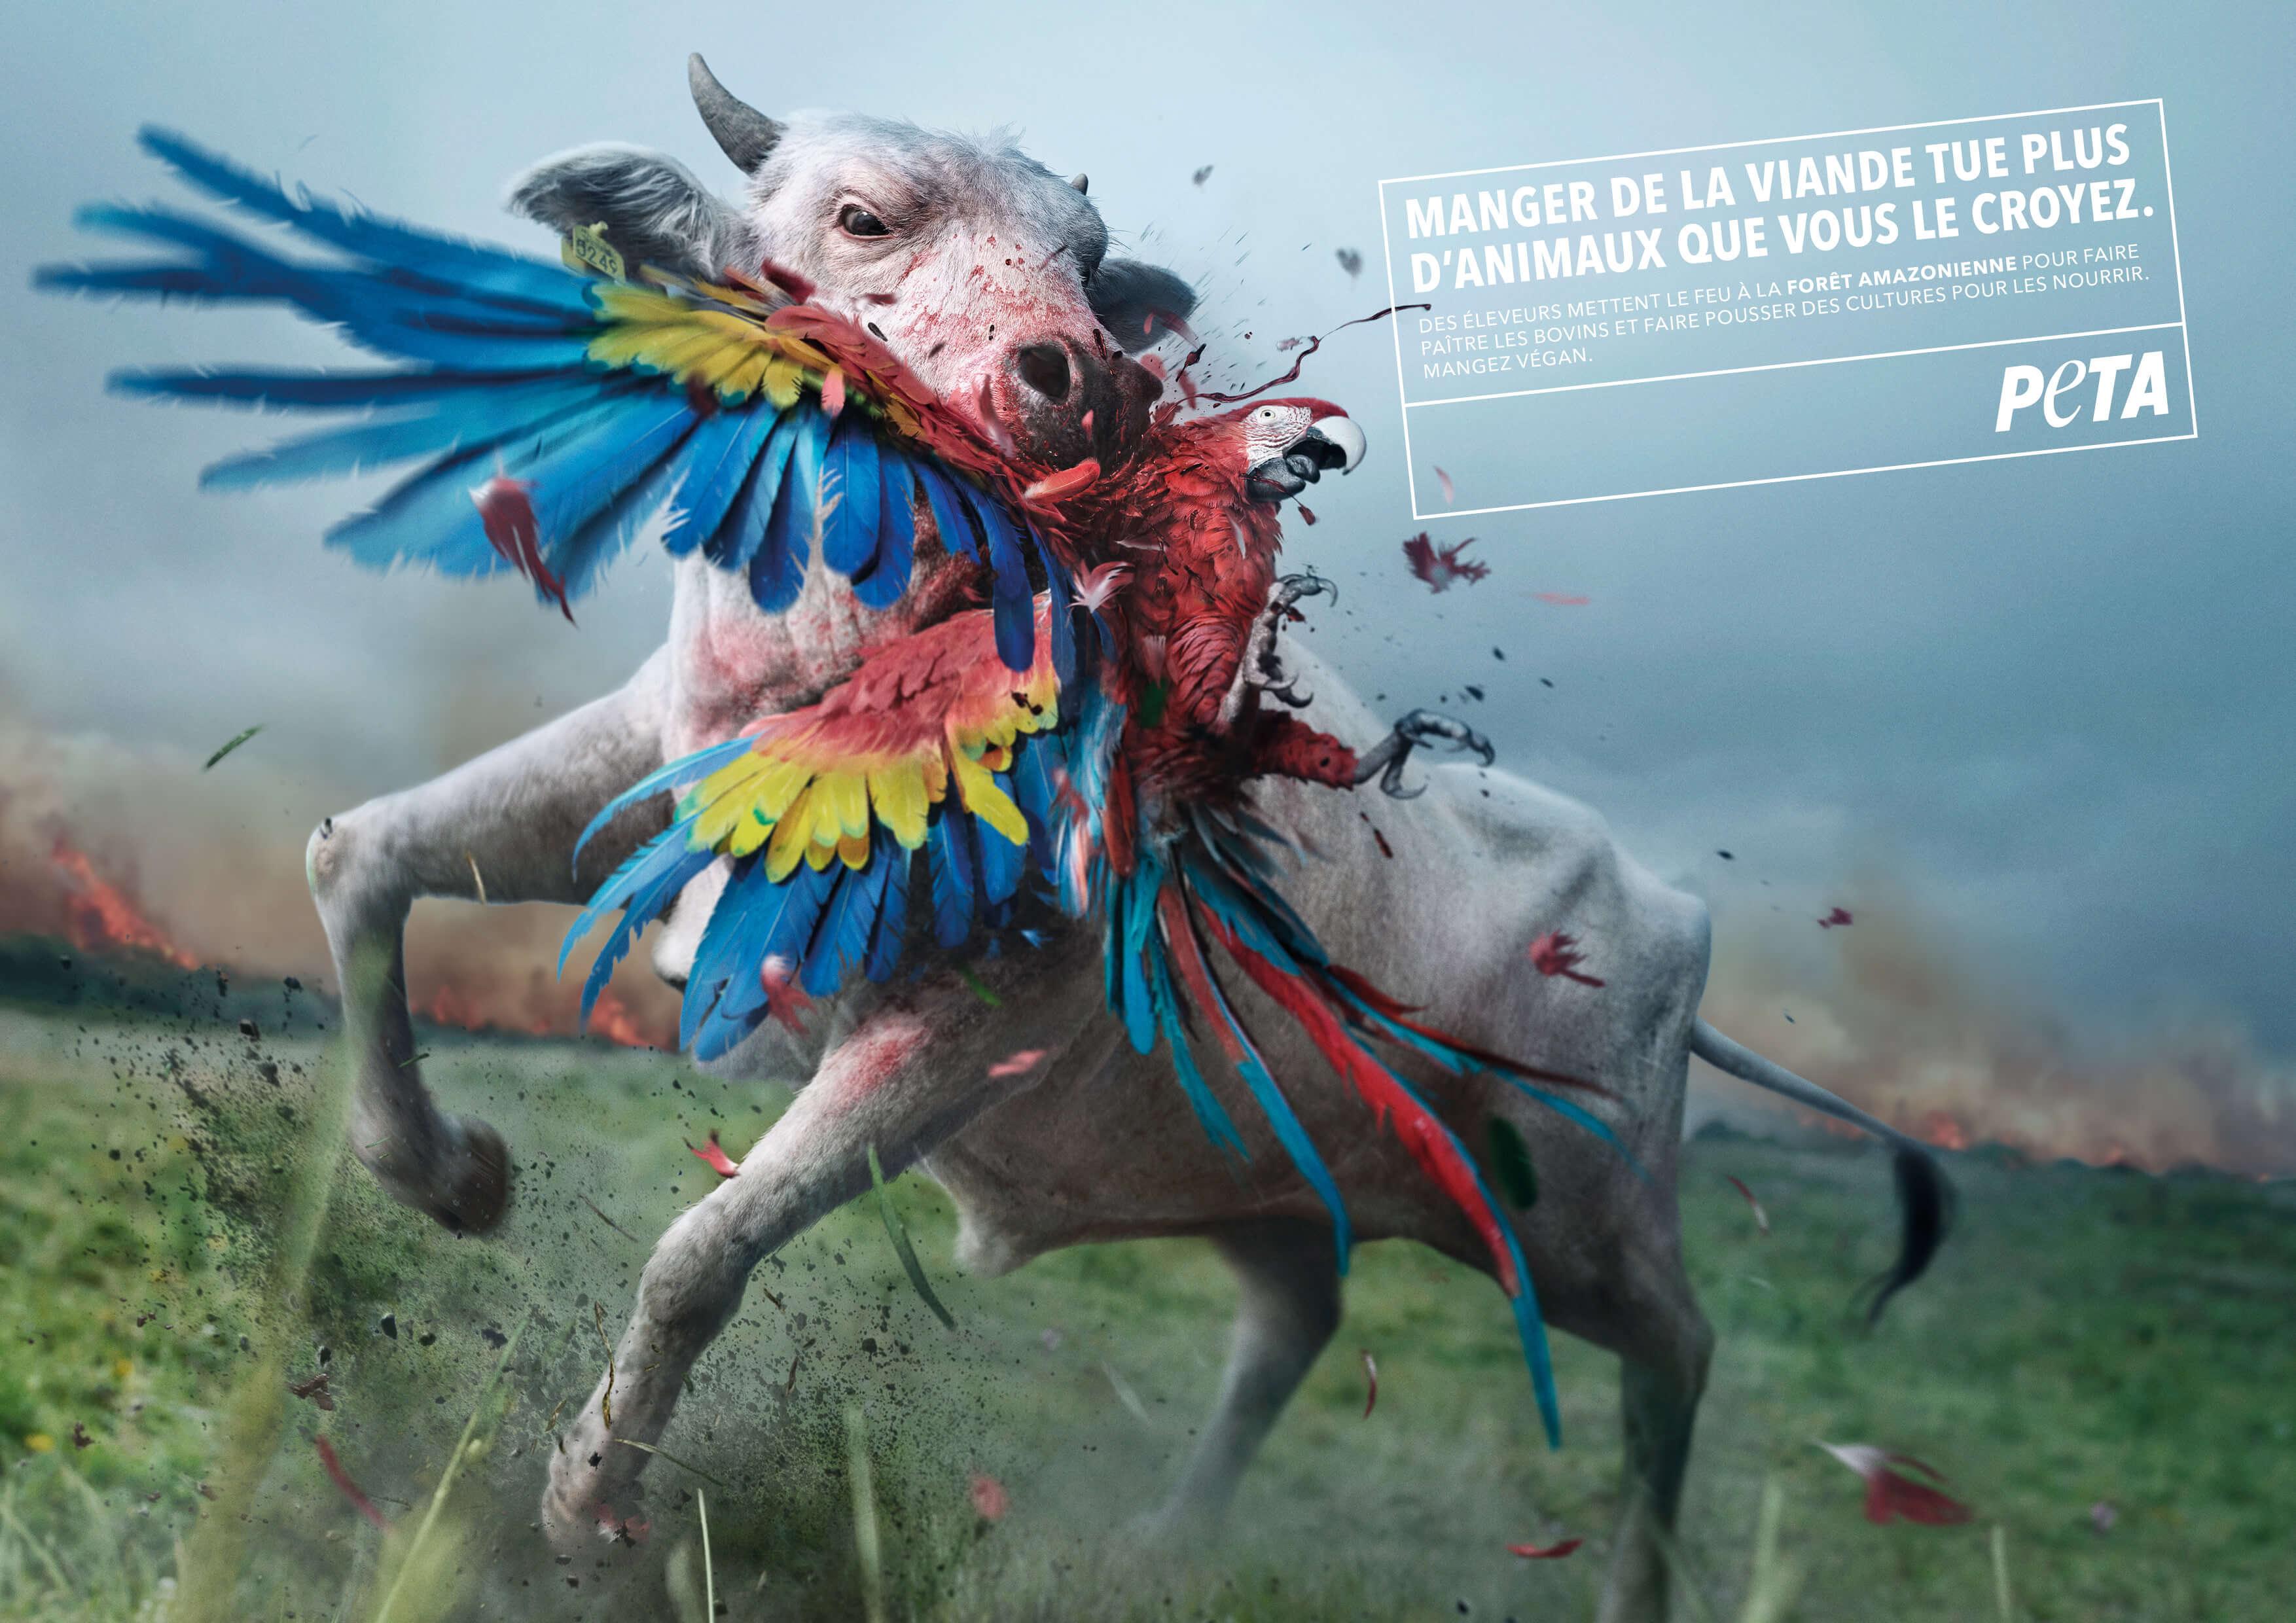 Une nouvelle publicité de PETA blâme les mangeurs de viande pour les incendies en Amazonie